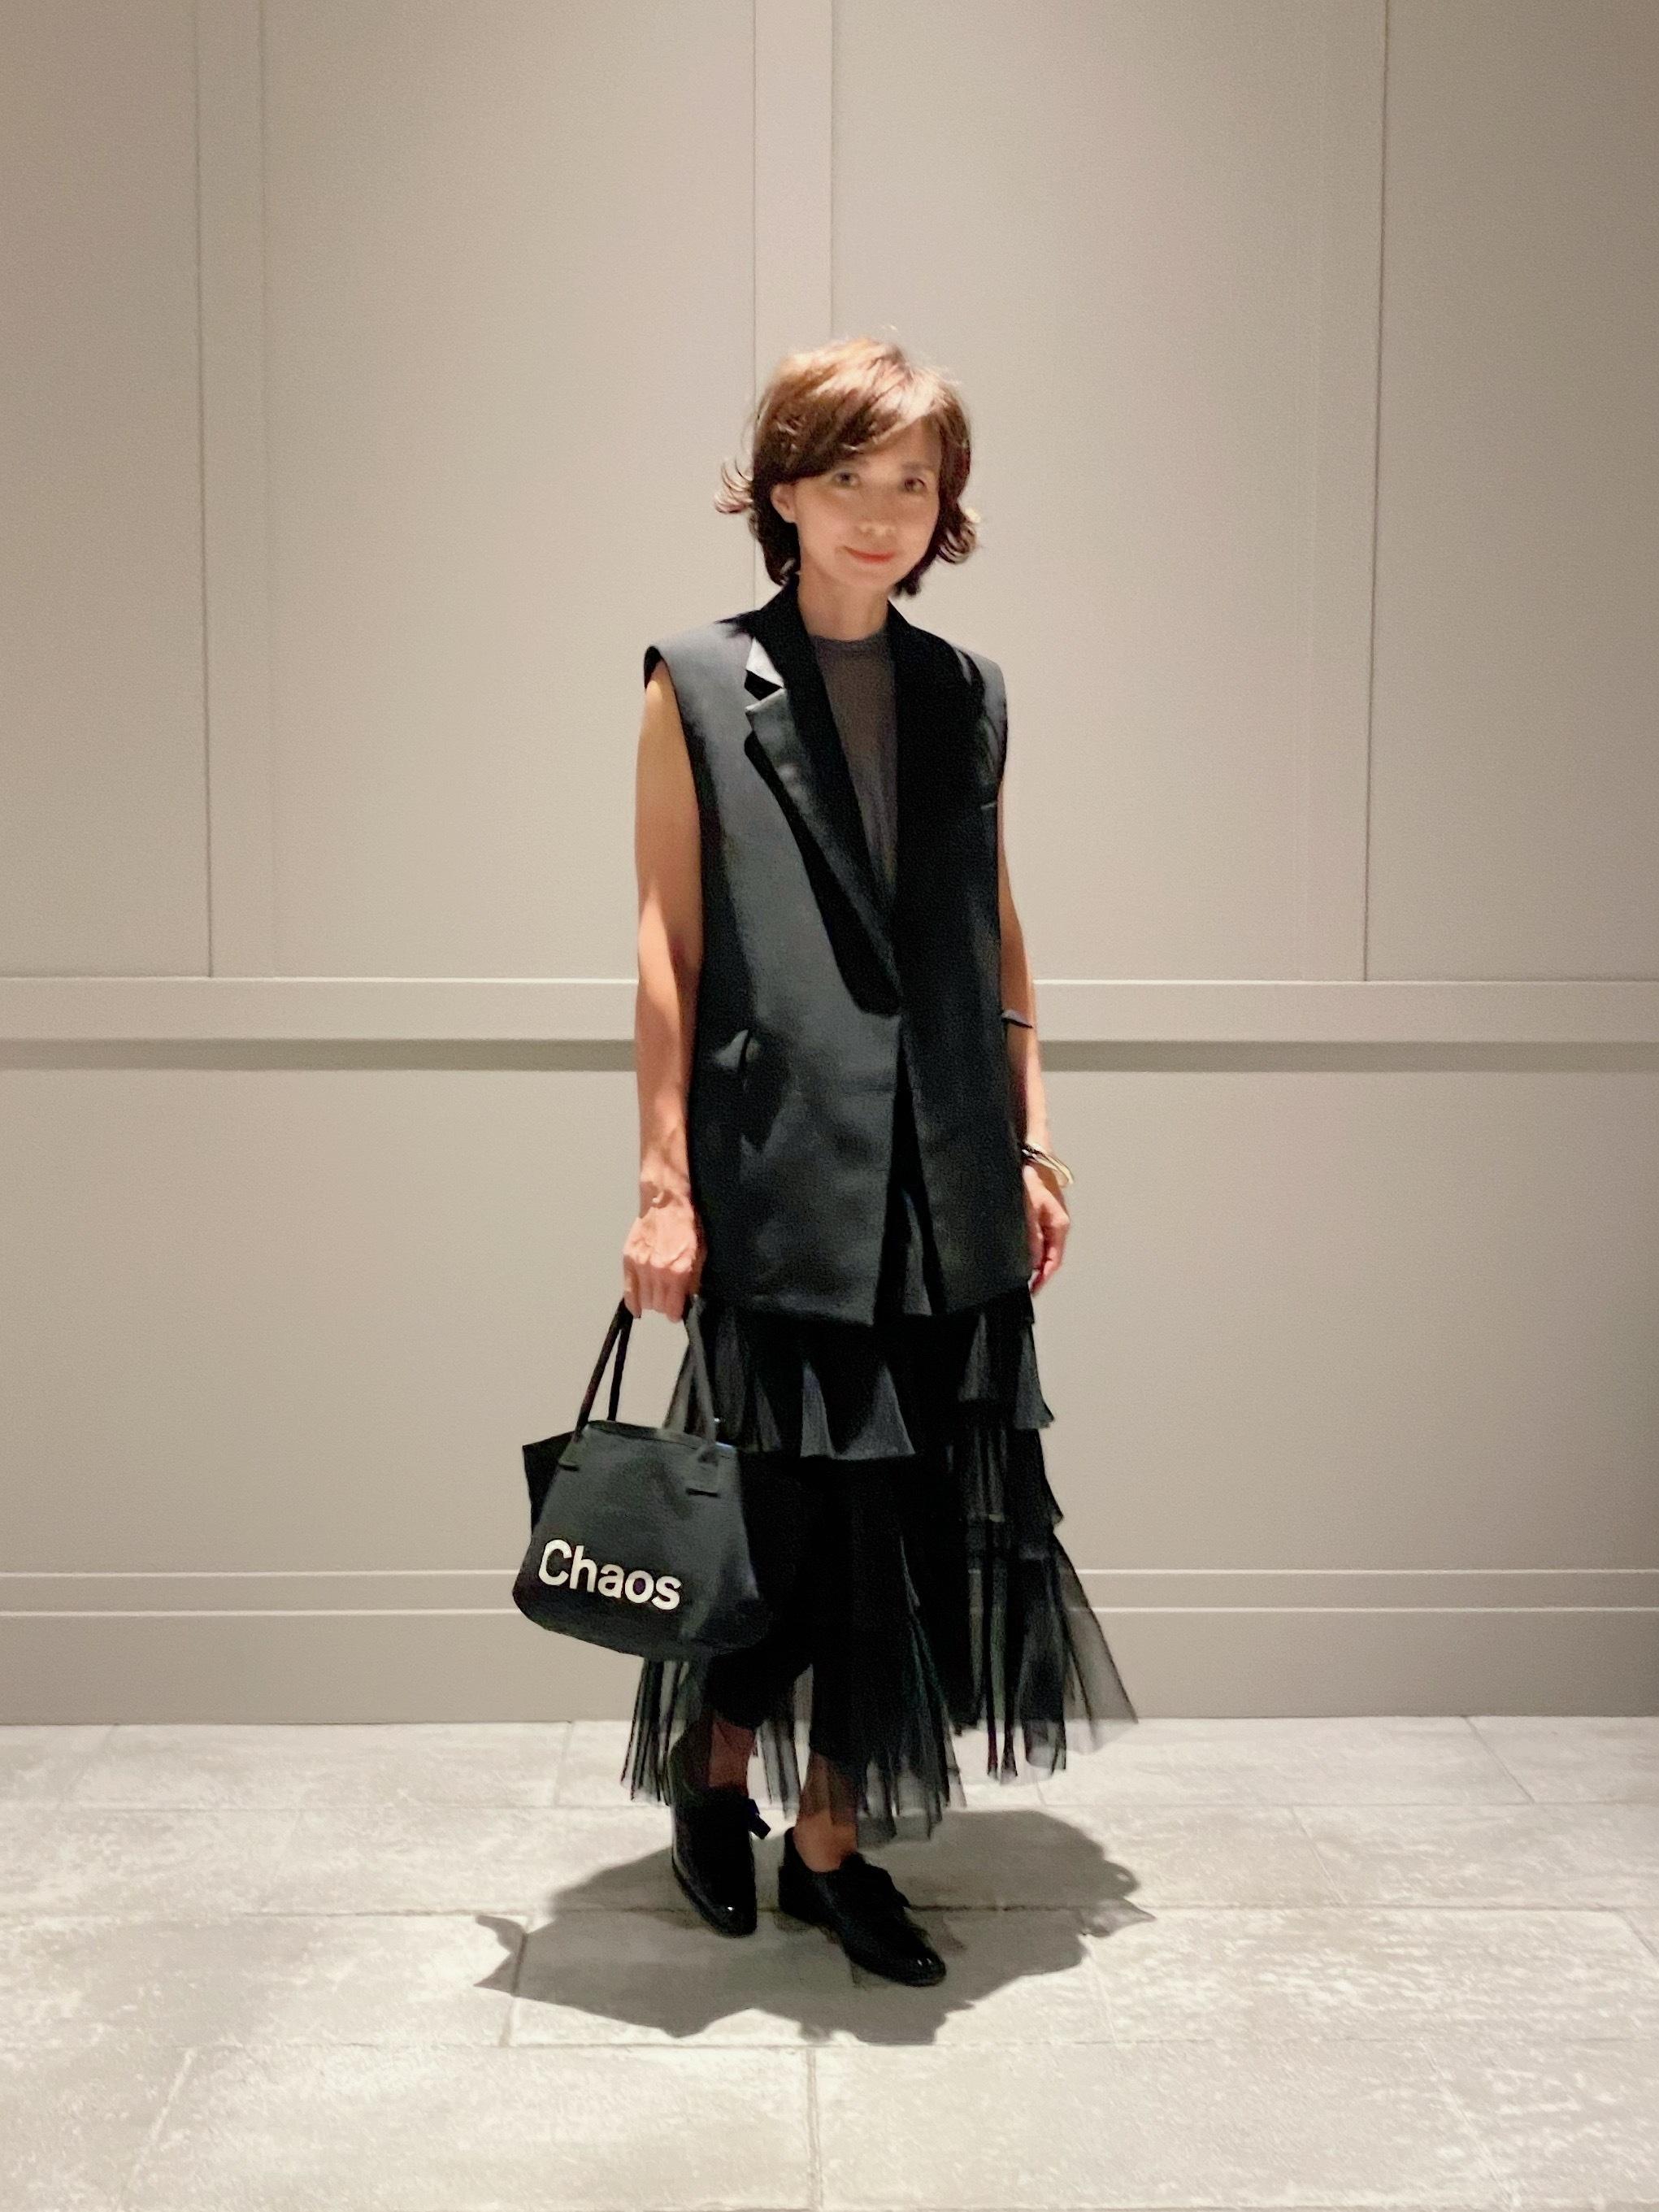 10月号特別付録のバッグと格上げフラット靴で話題のミュージカル鑑賞へ_1_2